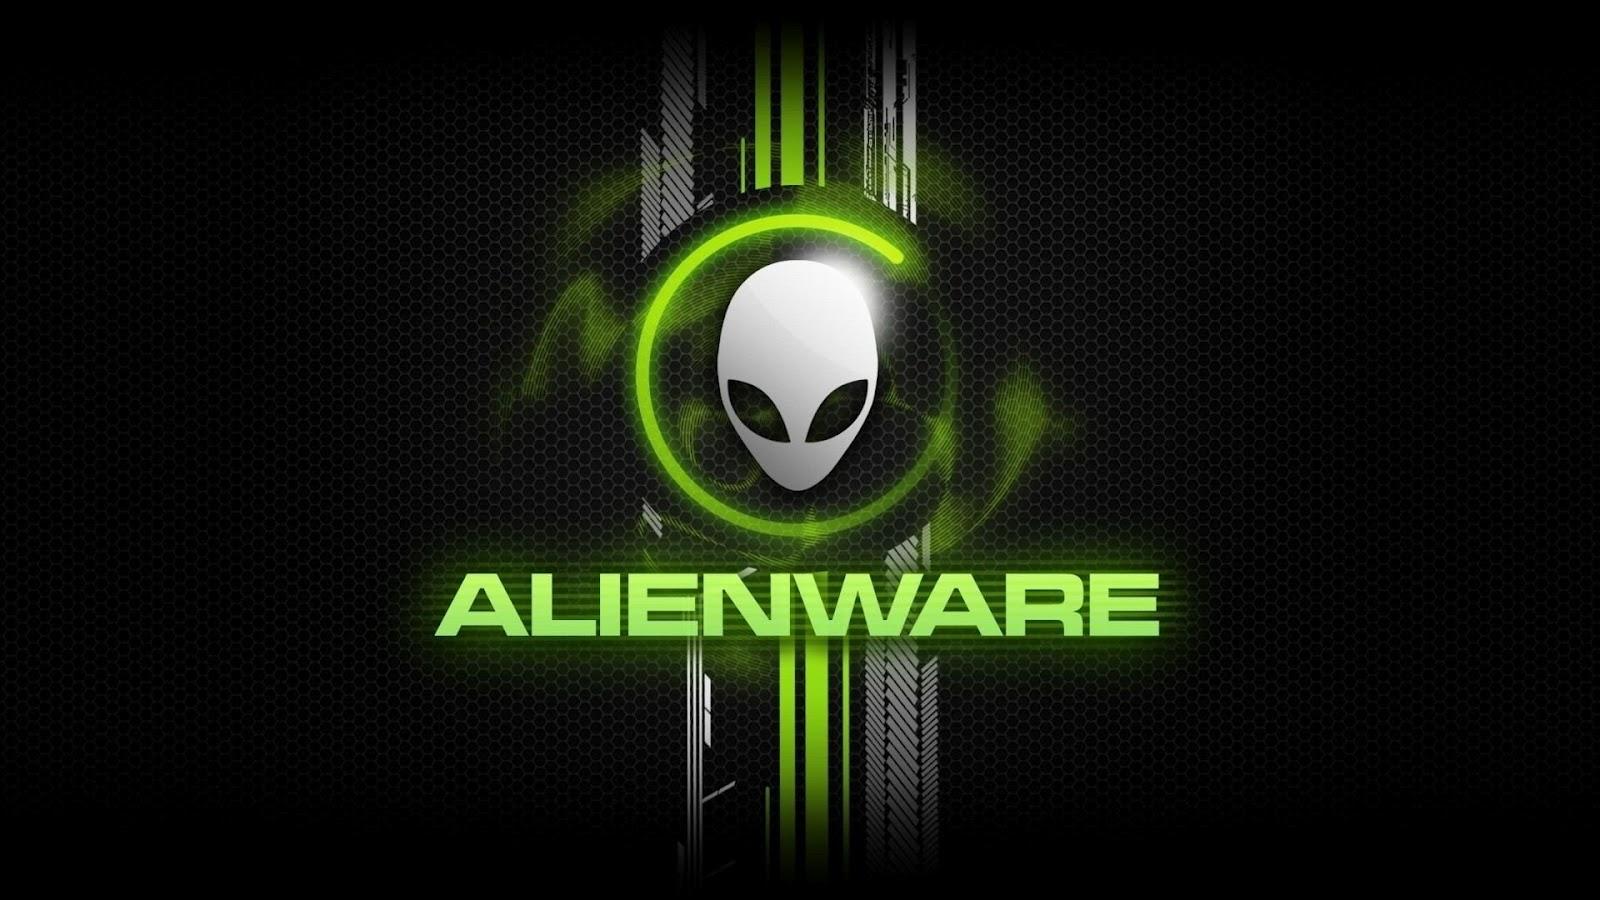 Alienware Download 1920x1080 1600x900